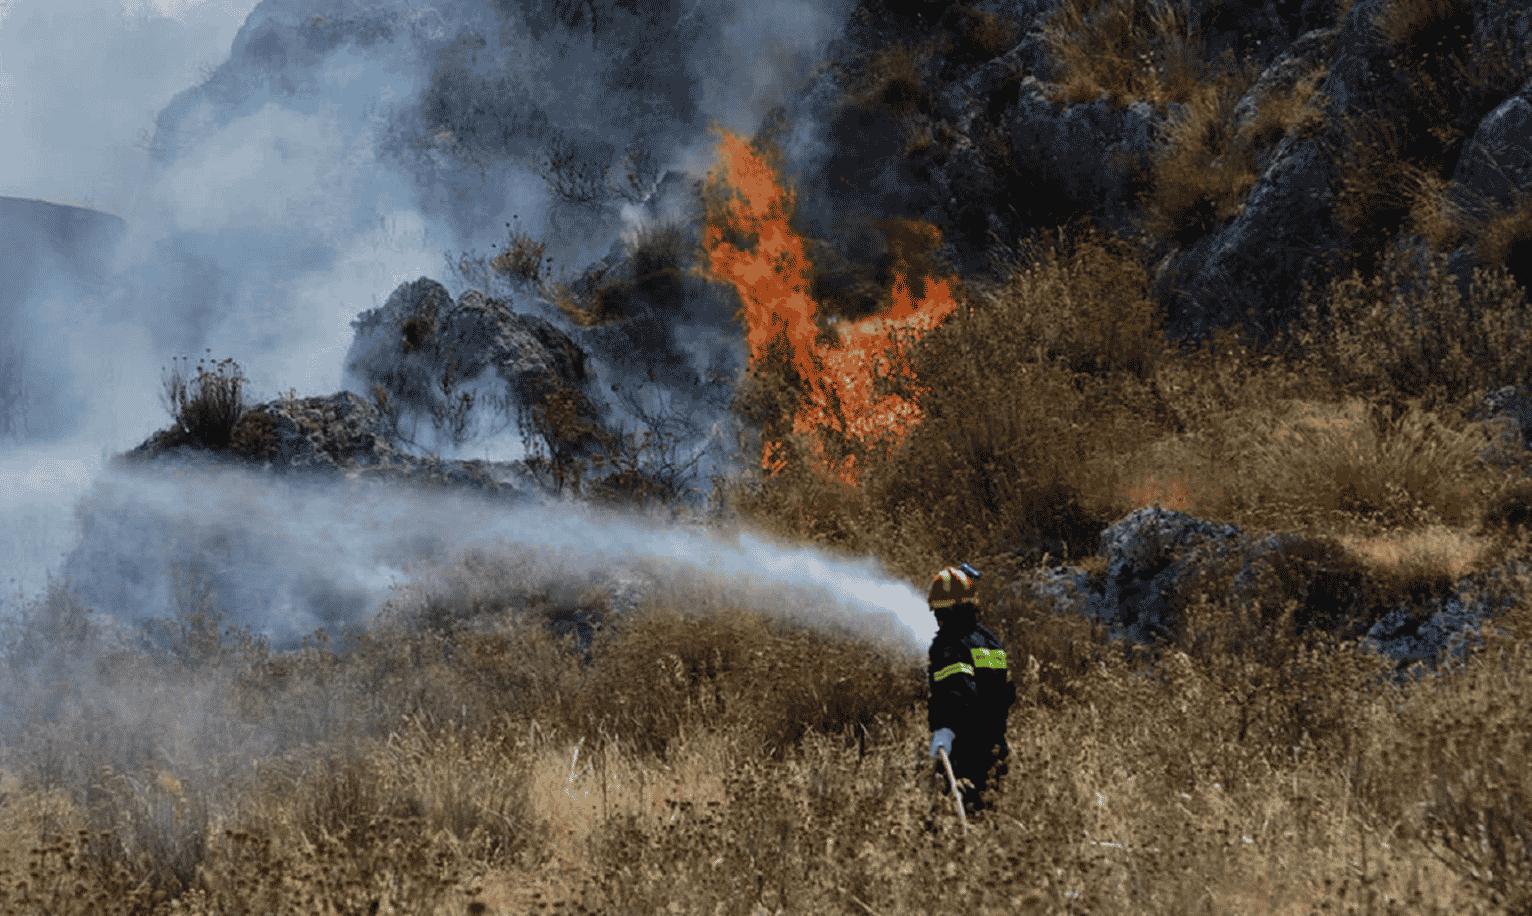 Imagini dramatice din Grecia devastată de incendii. Atena este înconjurată de flăcări